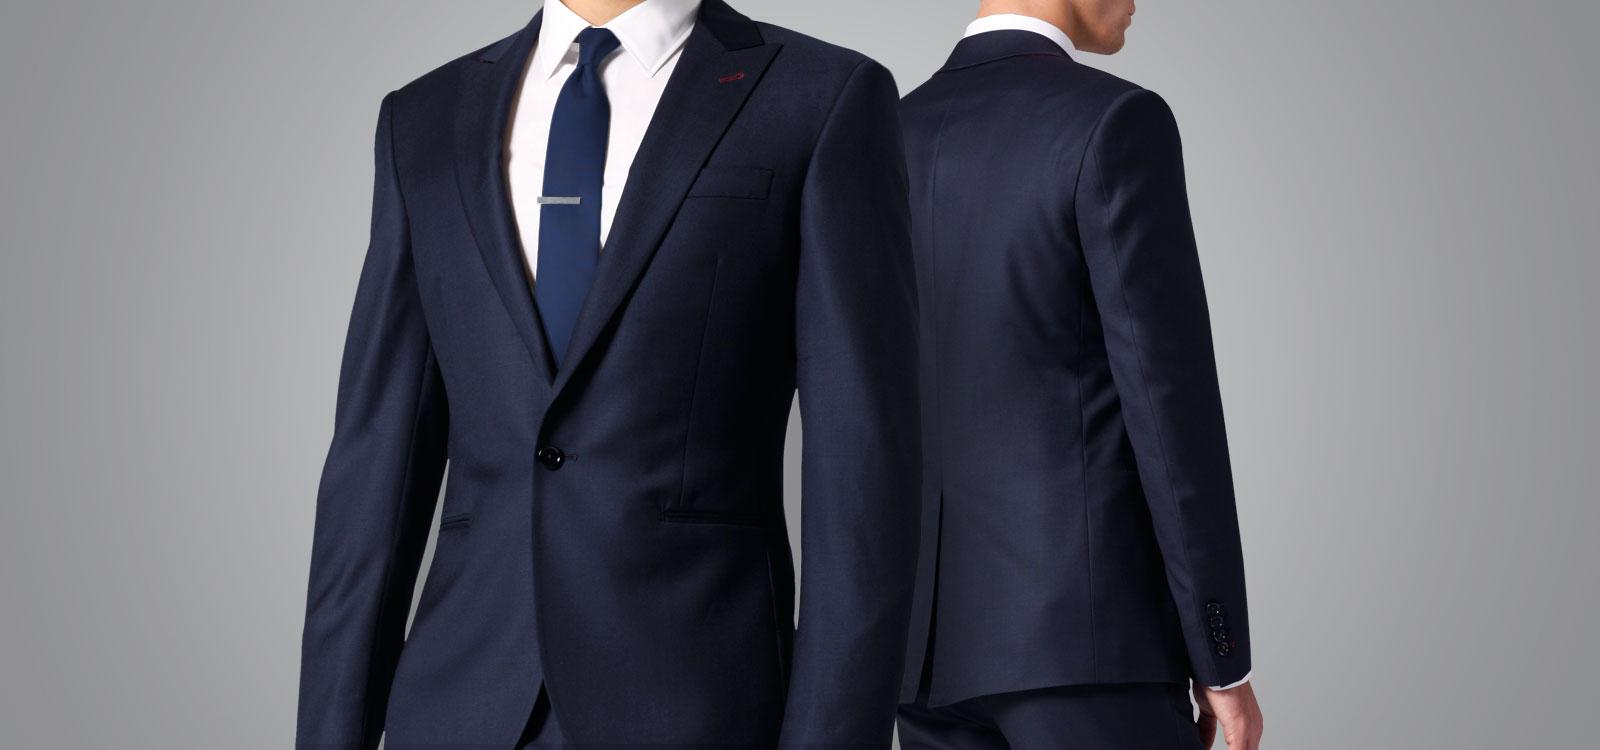 لباس و پوشش مناسب و رسمی